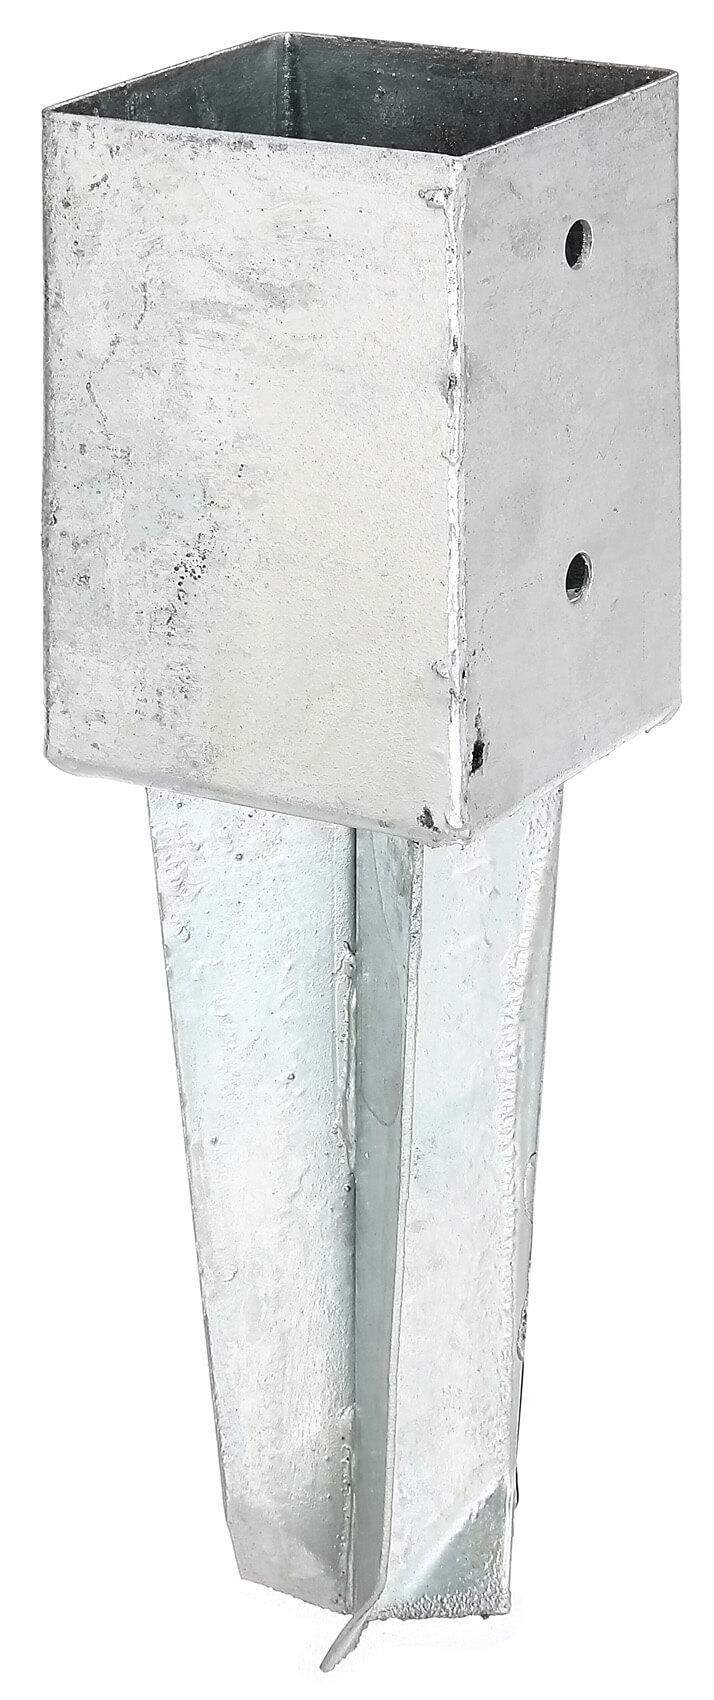 bodenh lse f vierkantpf feuerverzinkt zum einbetonieren 91x91 markenbaumarkt24. Black Bedroom Furniture Sets. Home Design Ideas